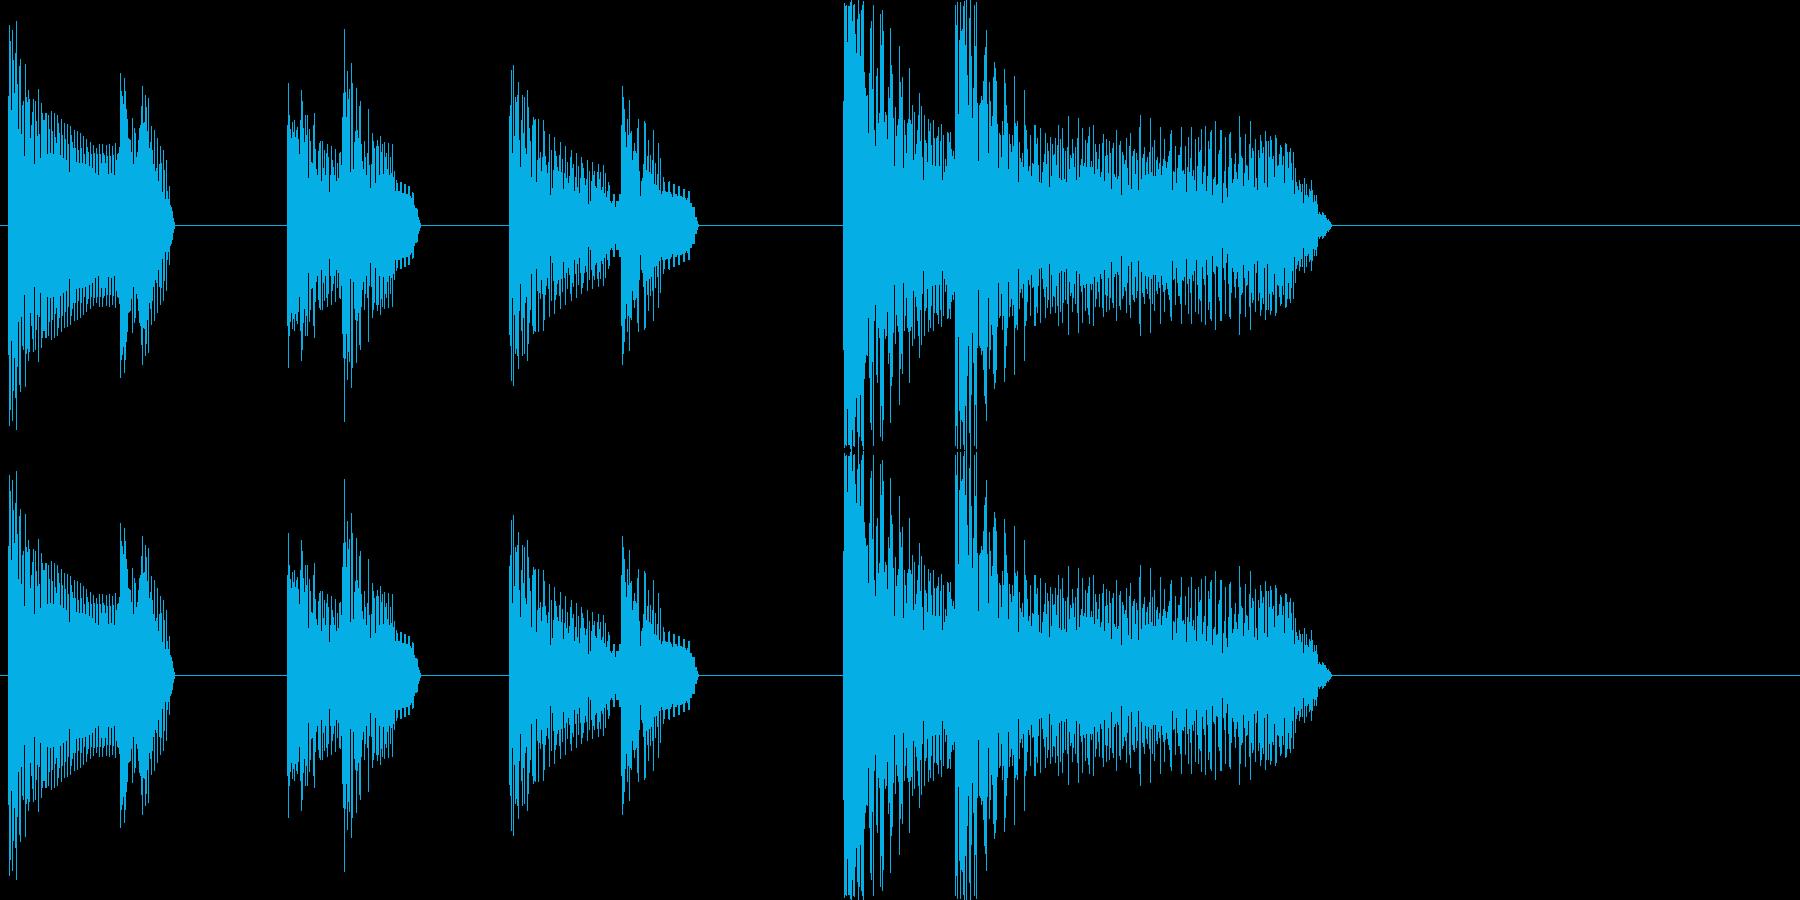 レトロゲーム風・ゲームオーバー#2の再生済みの波形